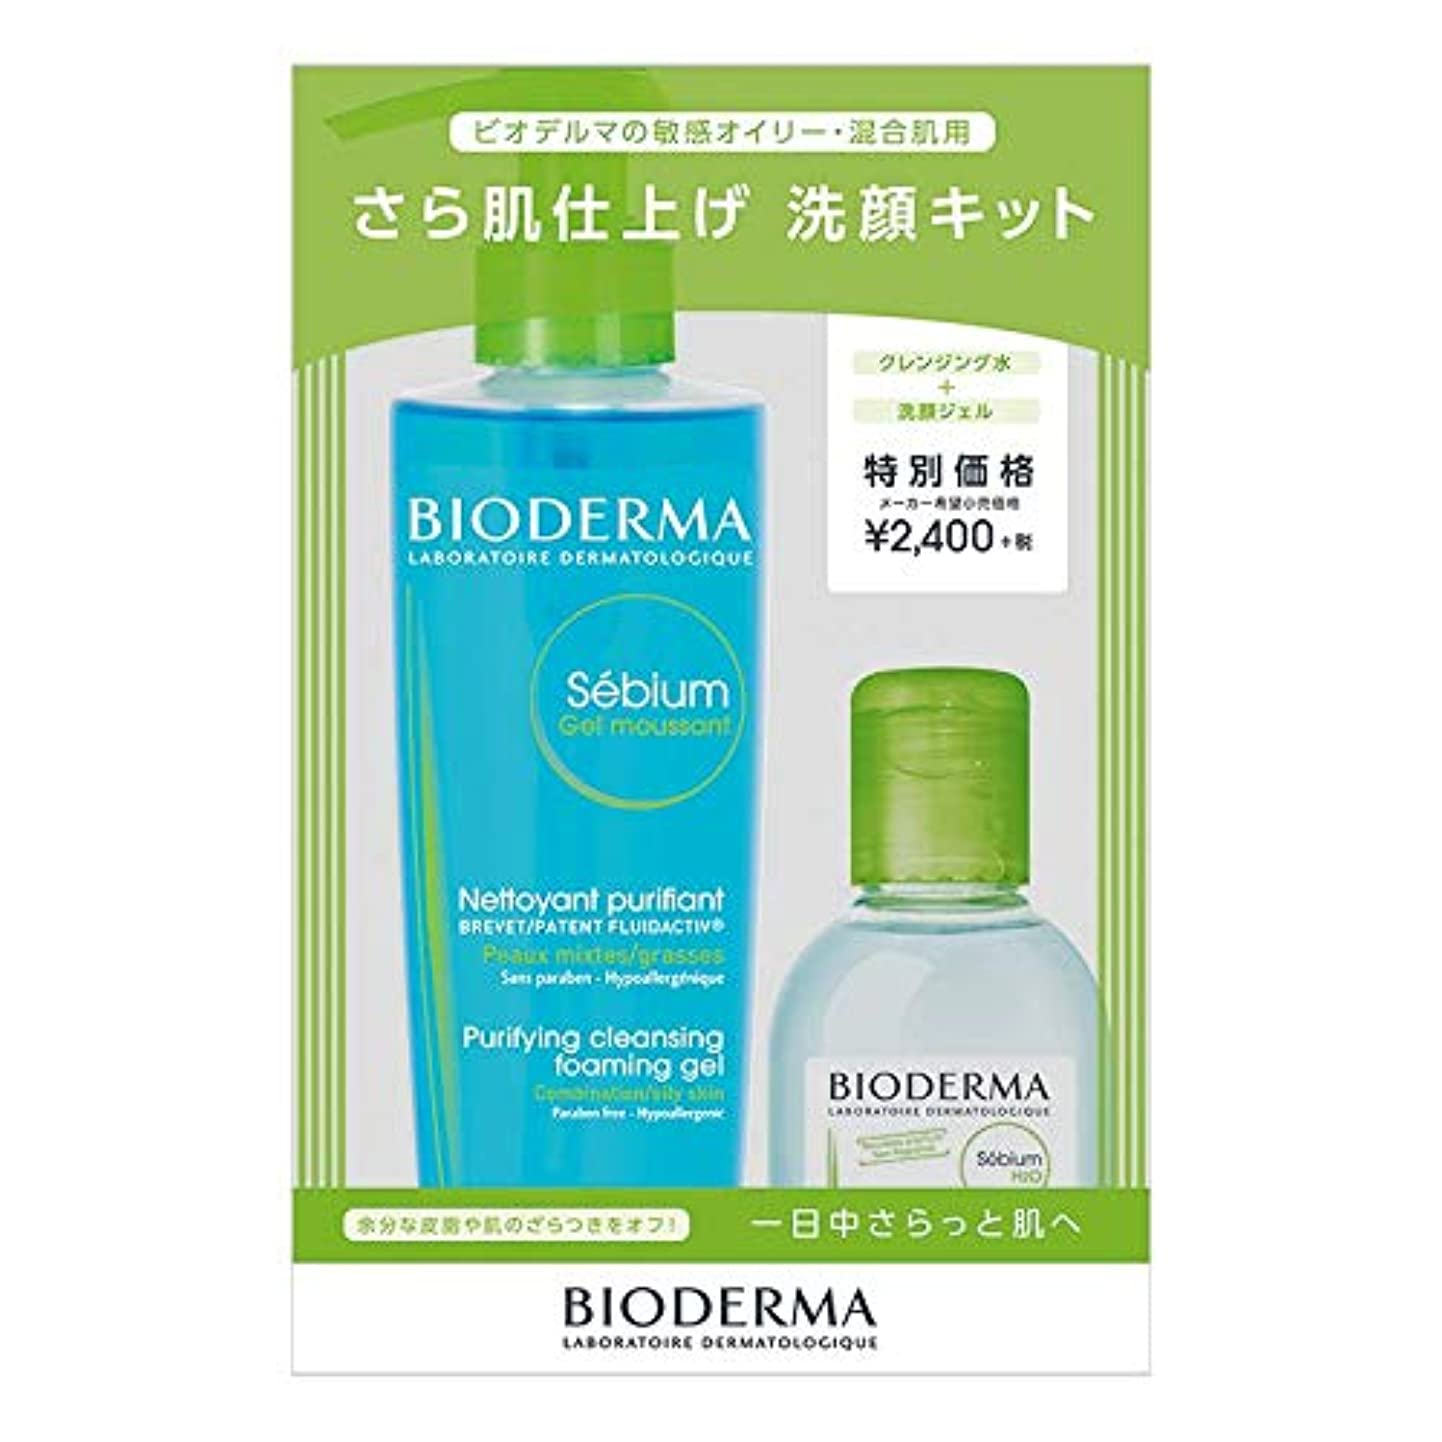 柔らかさラインナップ小さいビオデルマ セビウム サラハダシアゲ センガンキット 洗顔 セット 200g+100ml